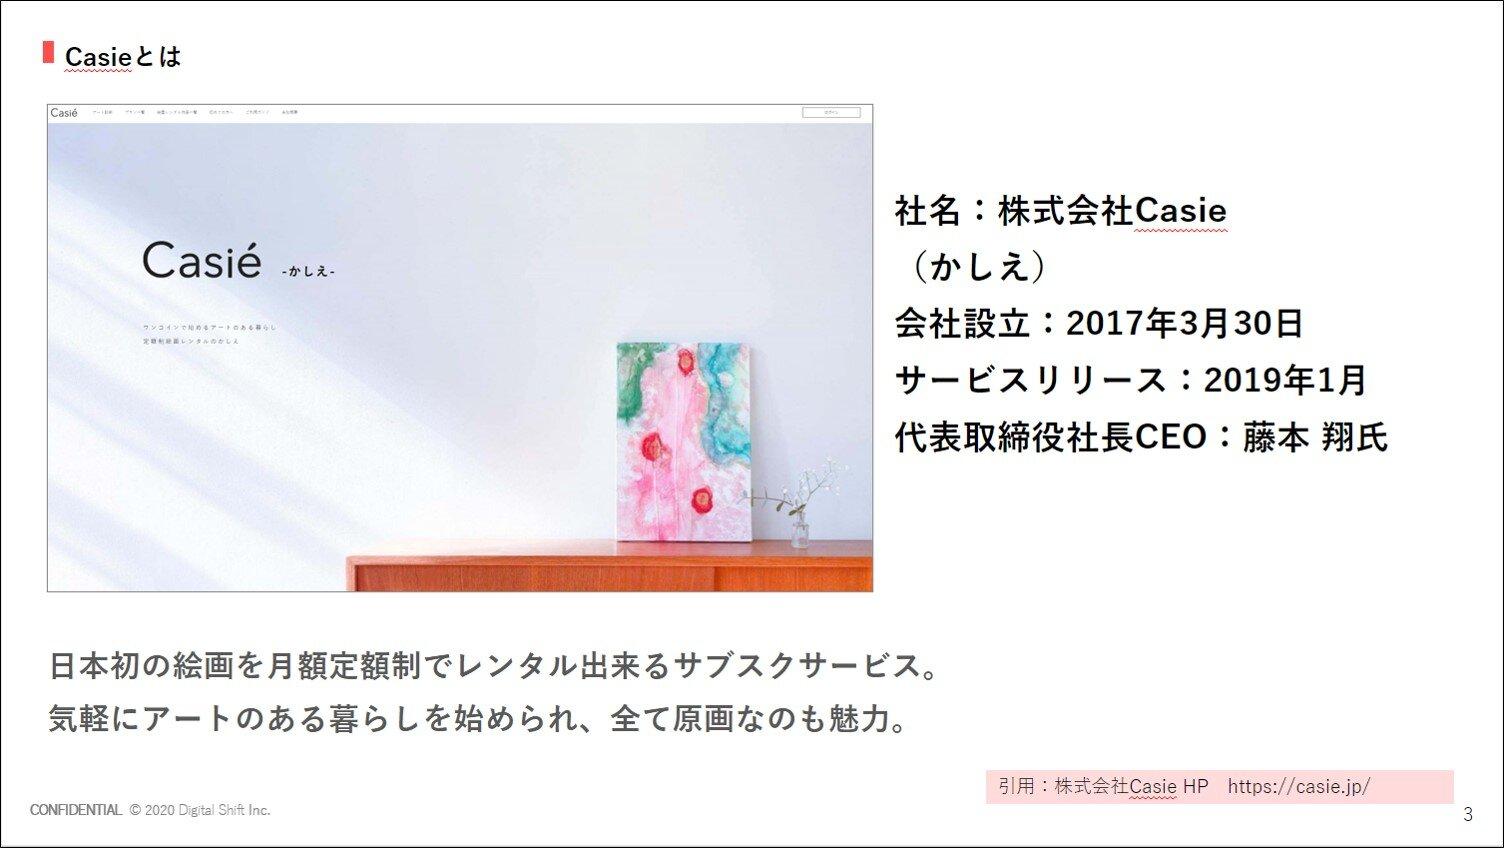 【事例】定額制絵画レンタルのサブスクリプション「Casie(かしえ)」